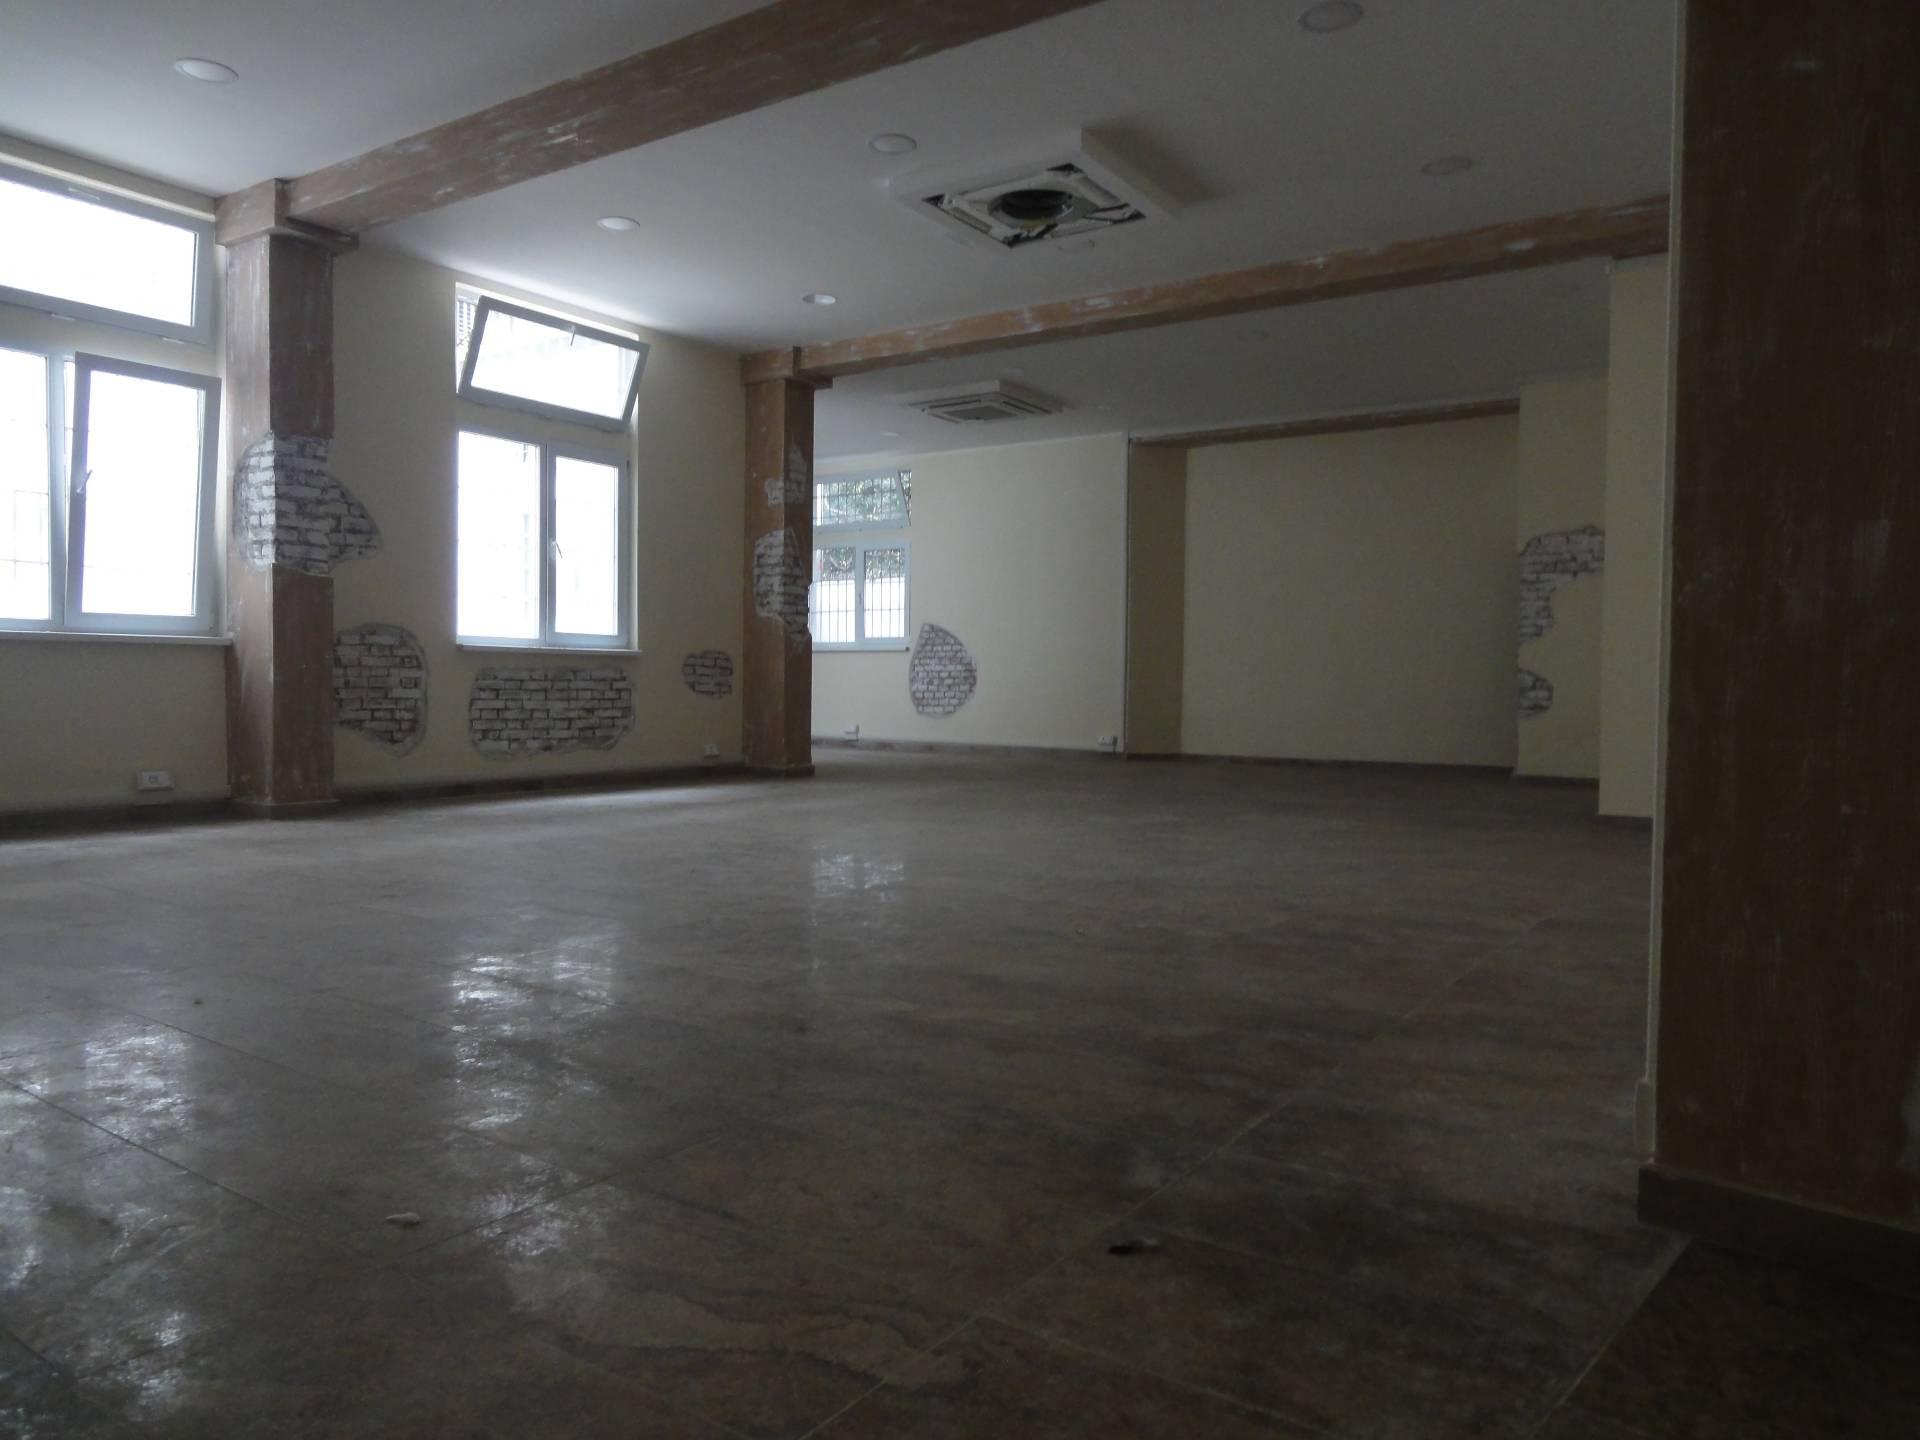 Attività / Licenza in affitto a Pontedera, 9999 locali, zona Località: Centro, prezzo € 1.300 | CambioCasa.it